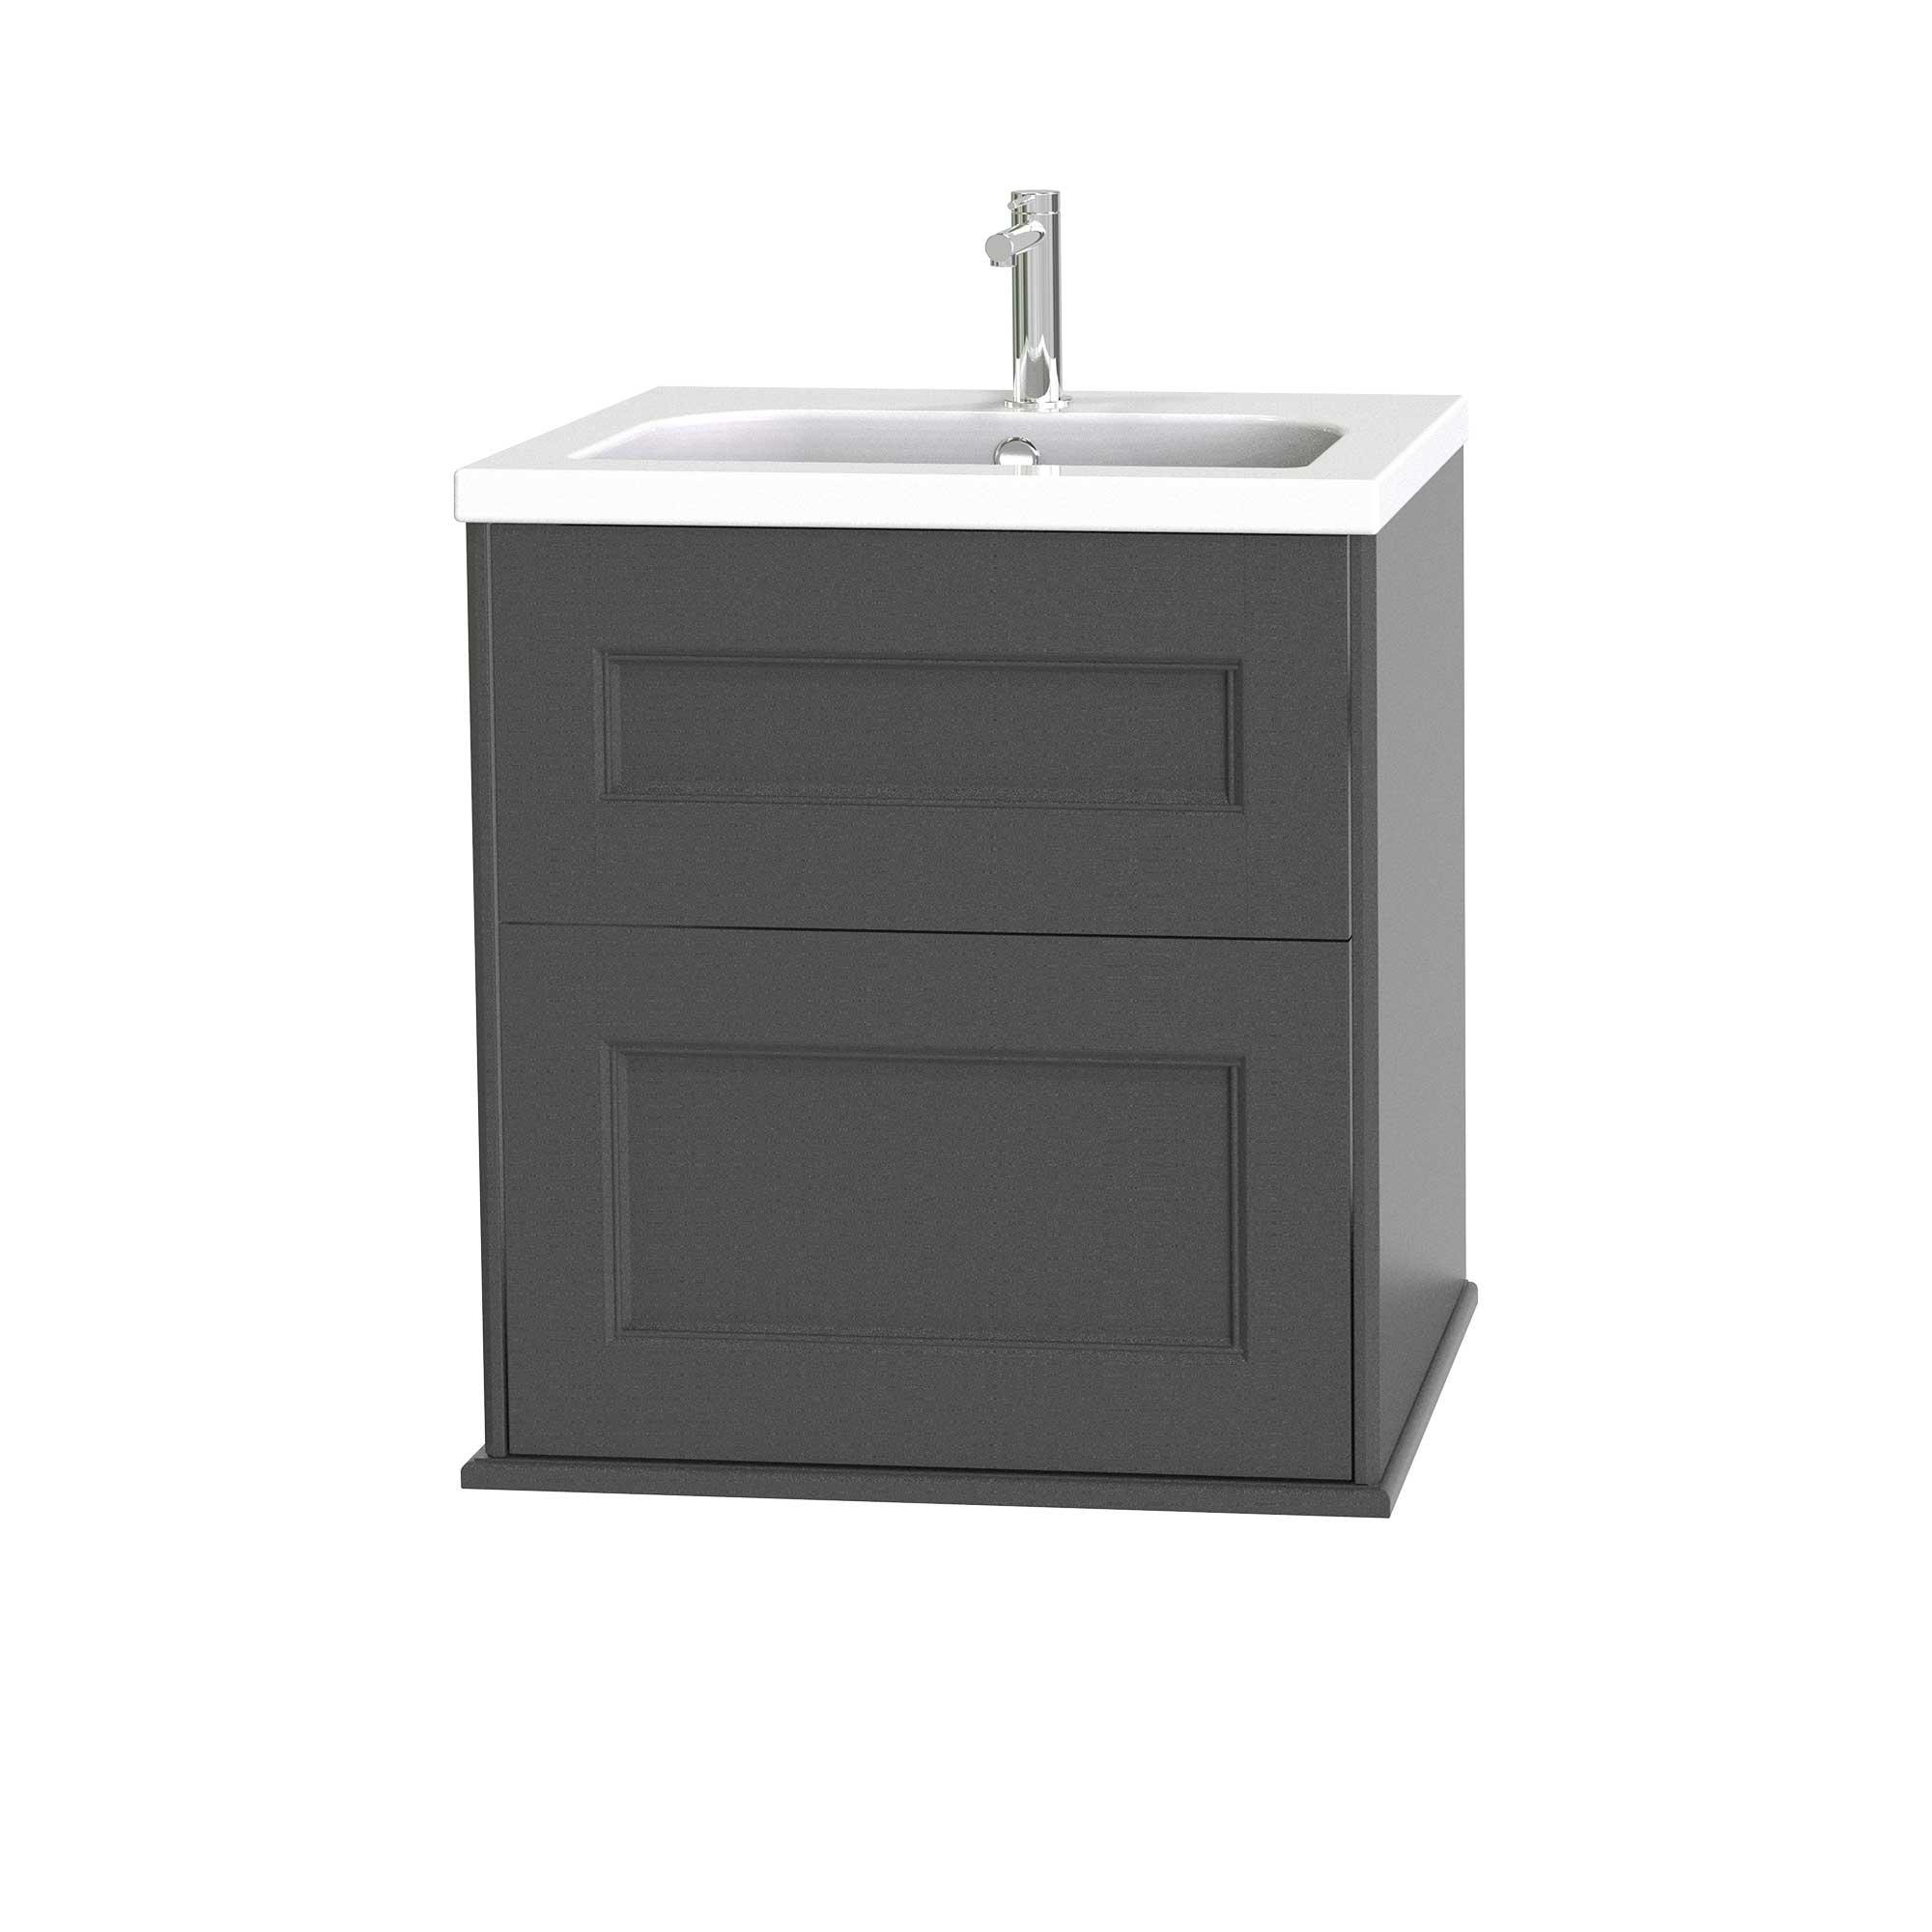 Tvättställsskåp Miller Badrum Kensington 60 med Lådor Vägghängd för Heltäckande Tvättställ